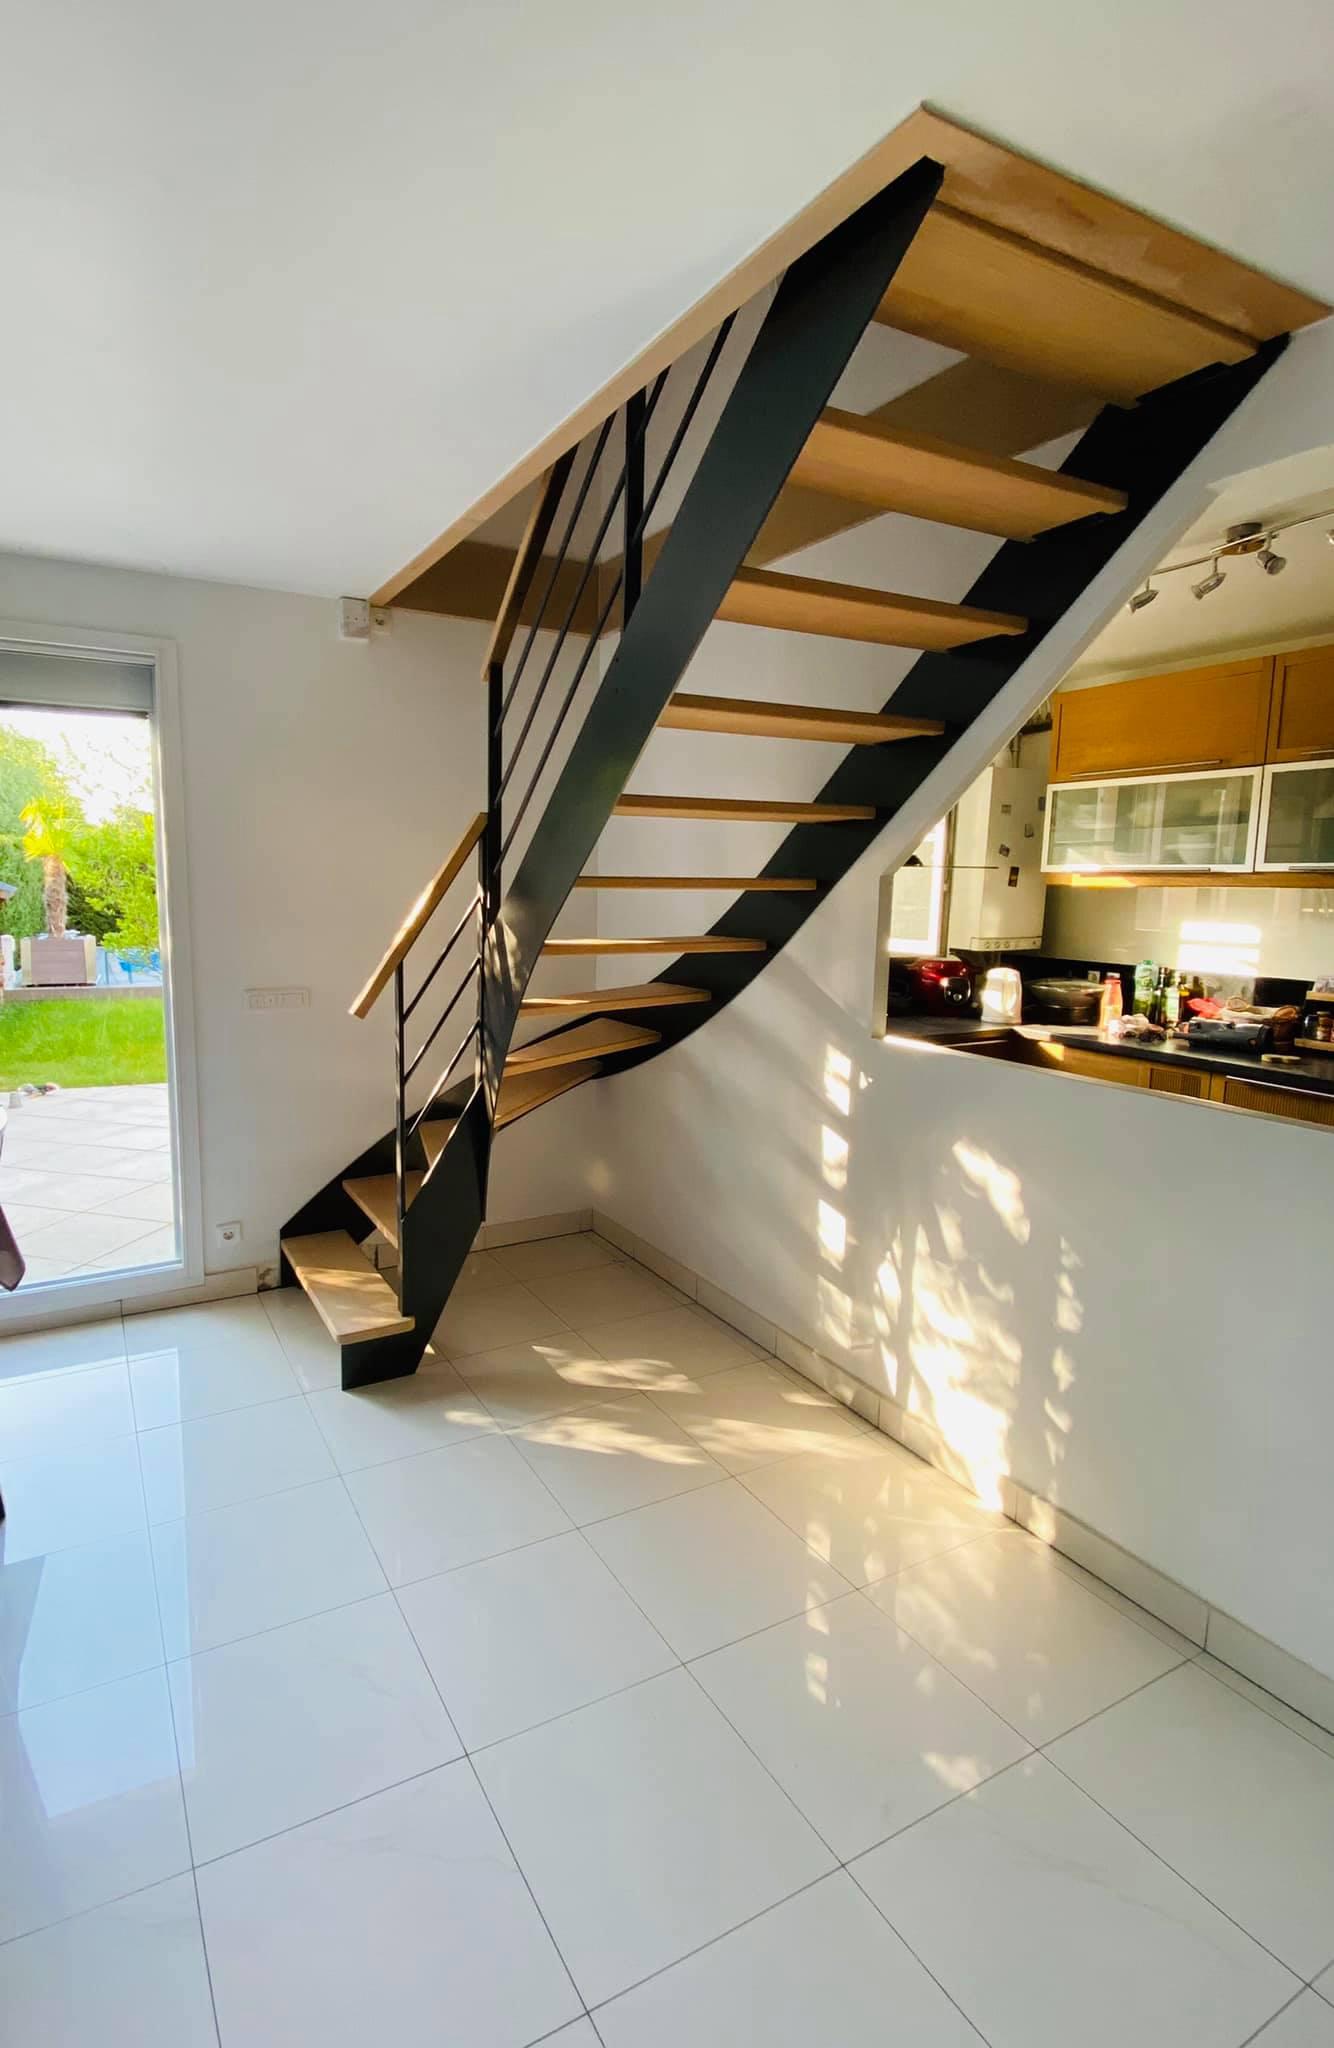 Escalier-métal-bois-limon-francaise.jpg